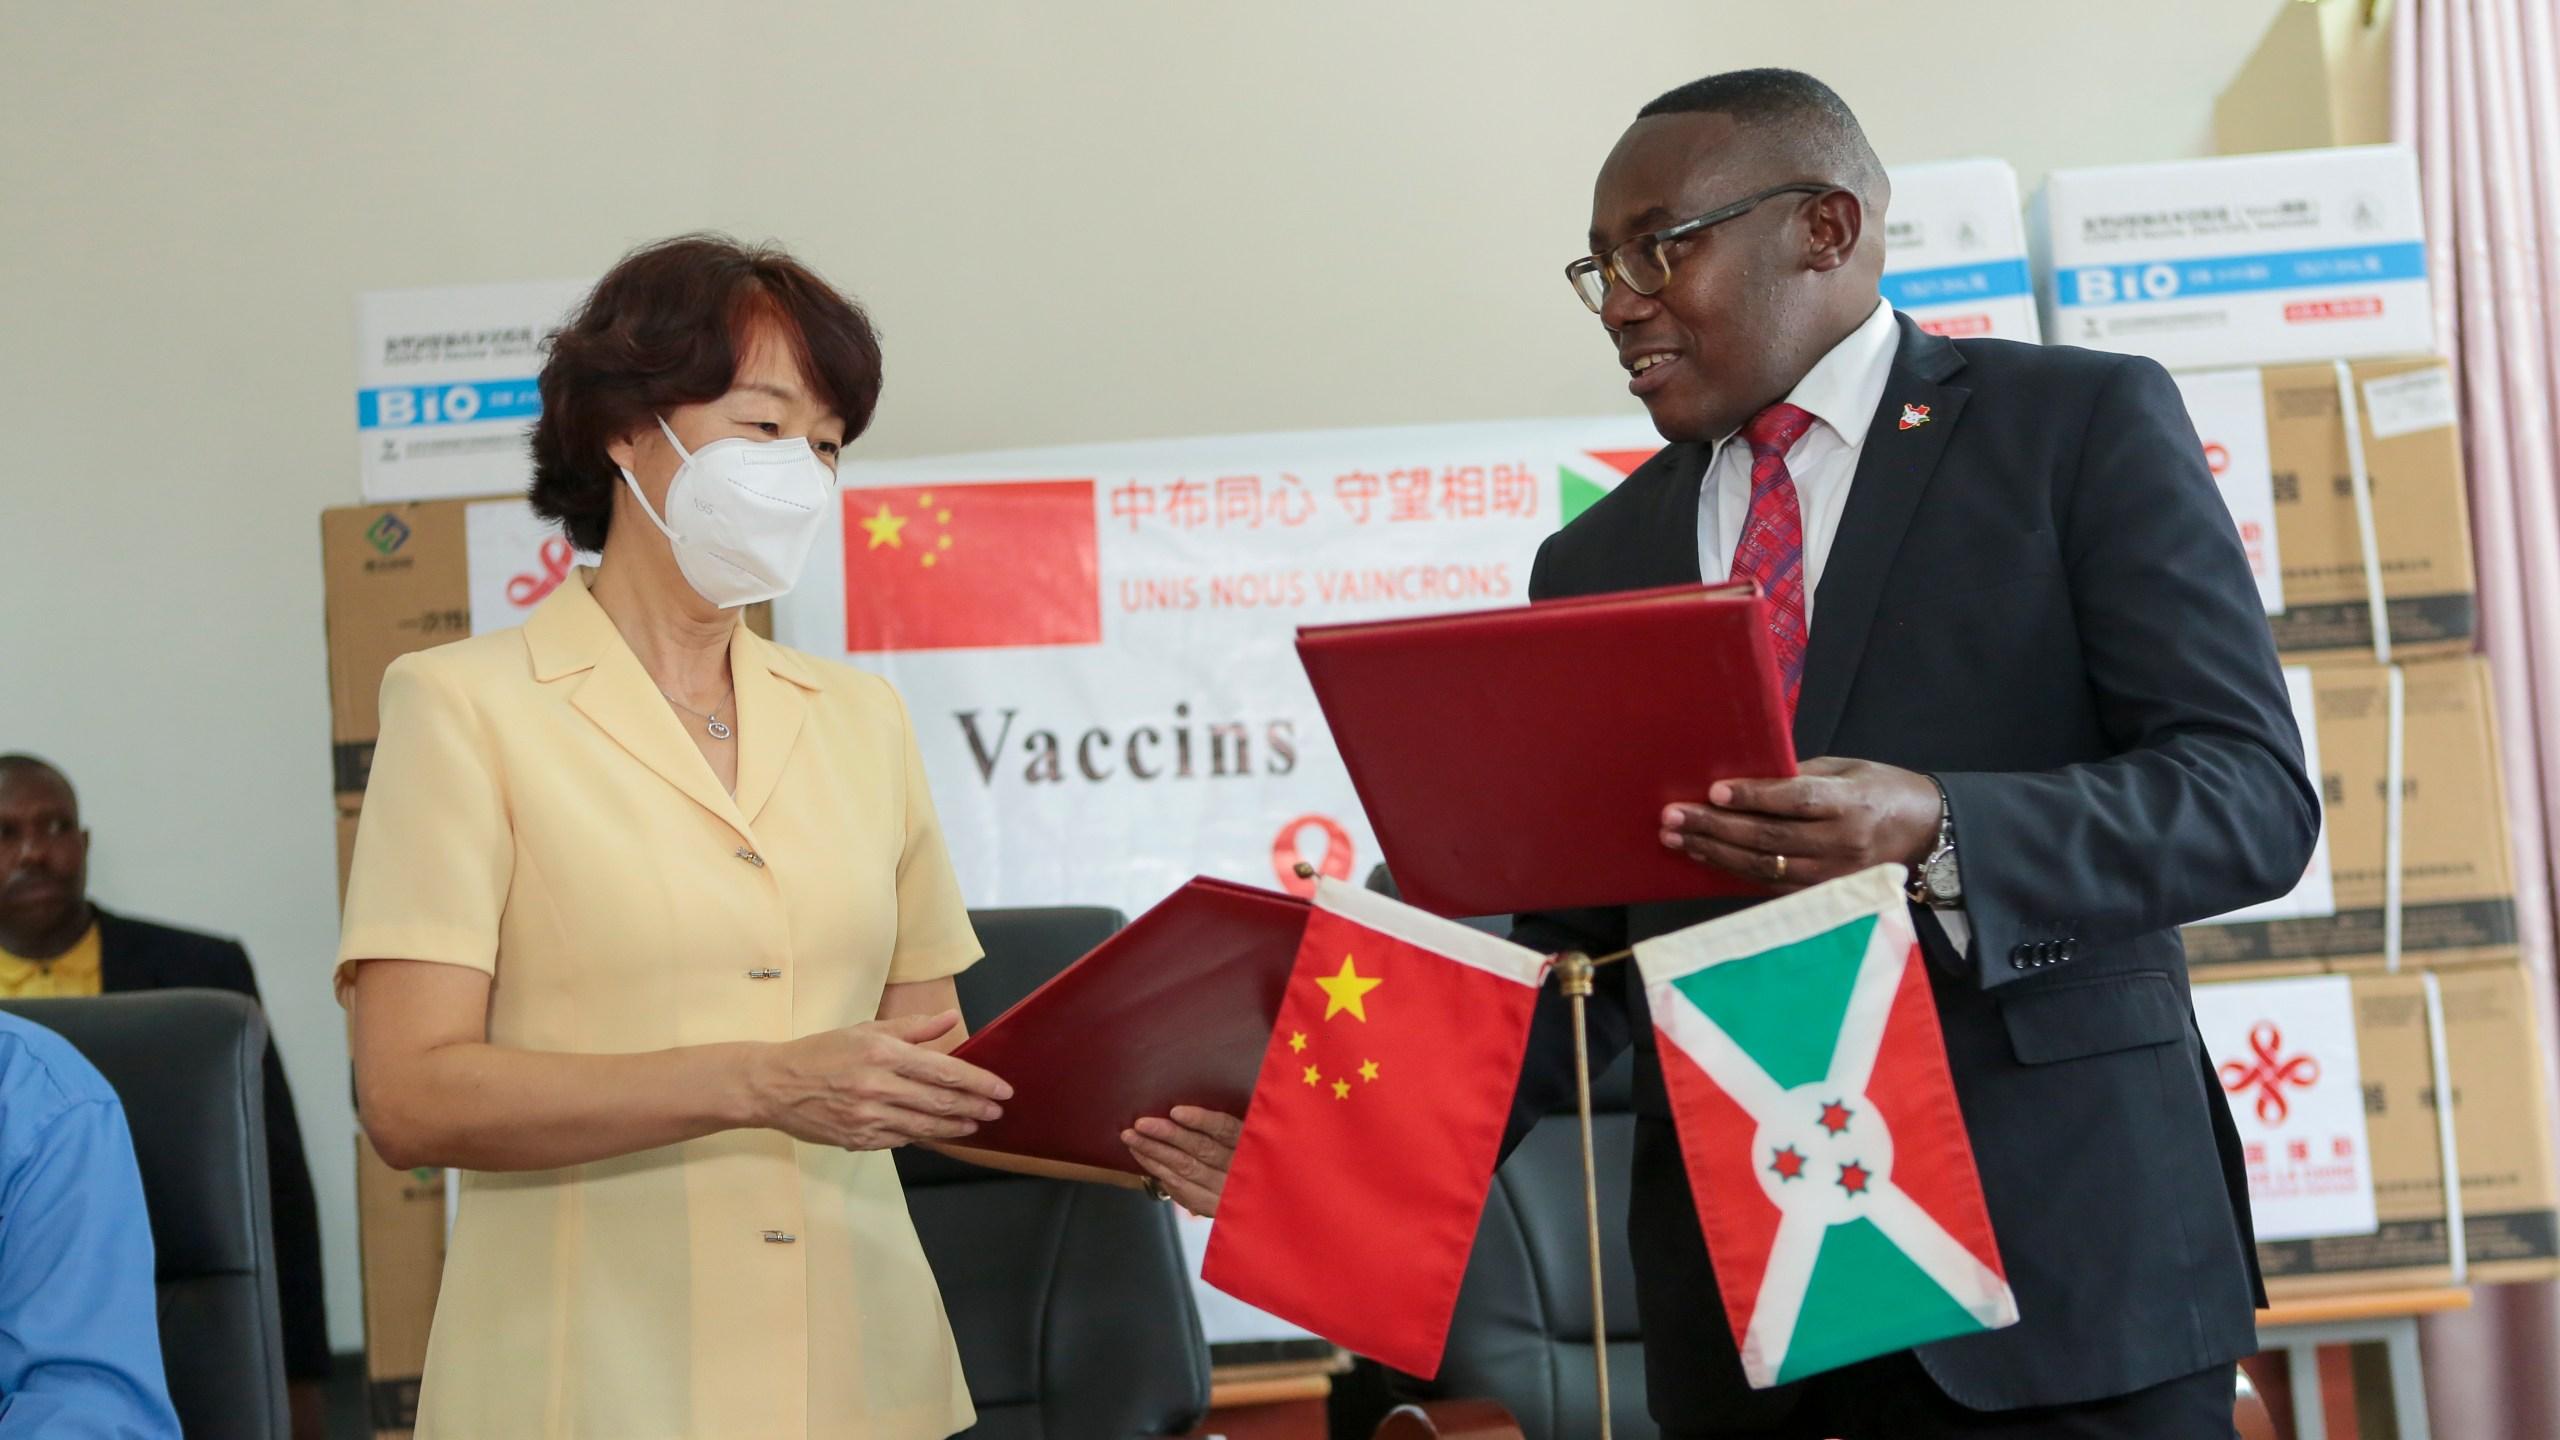 Thaddee Ndikumana, Zhao Jiangping